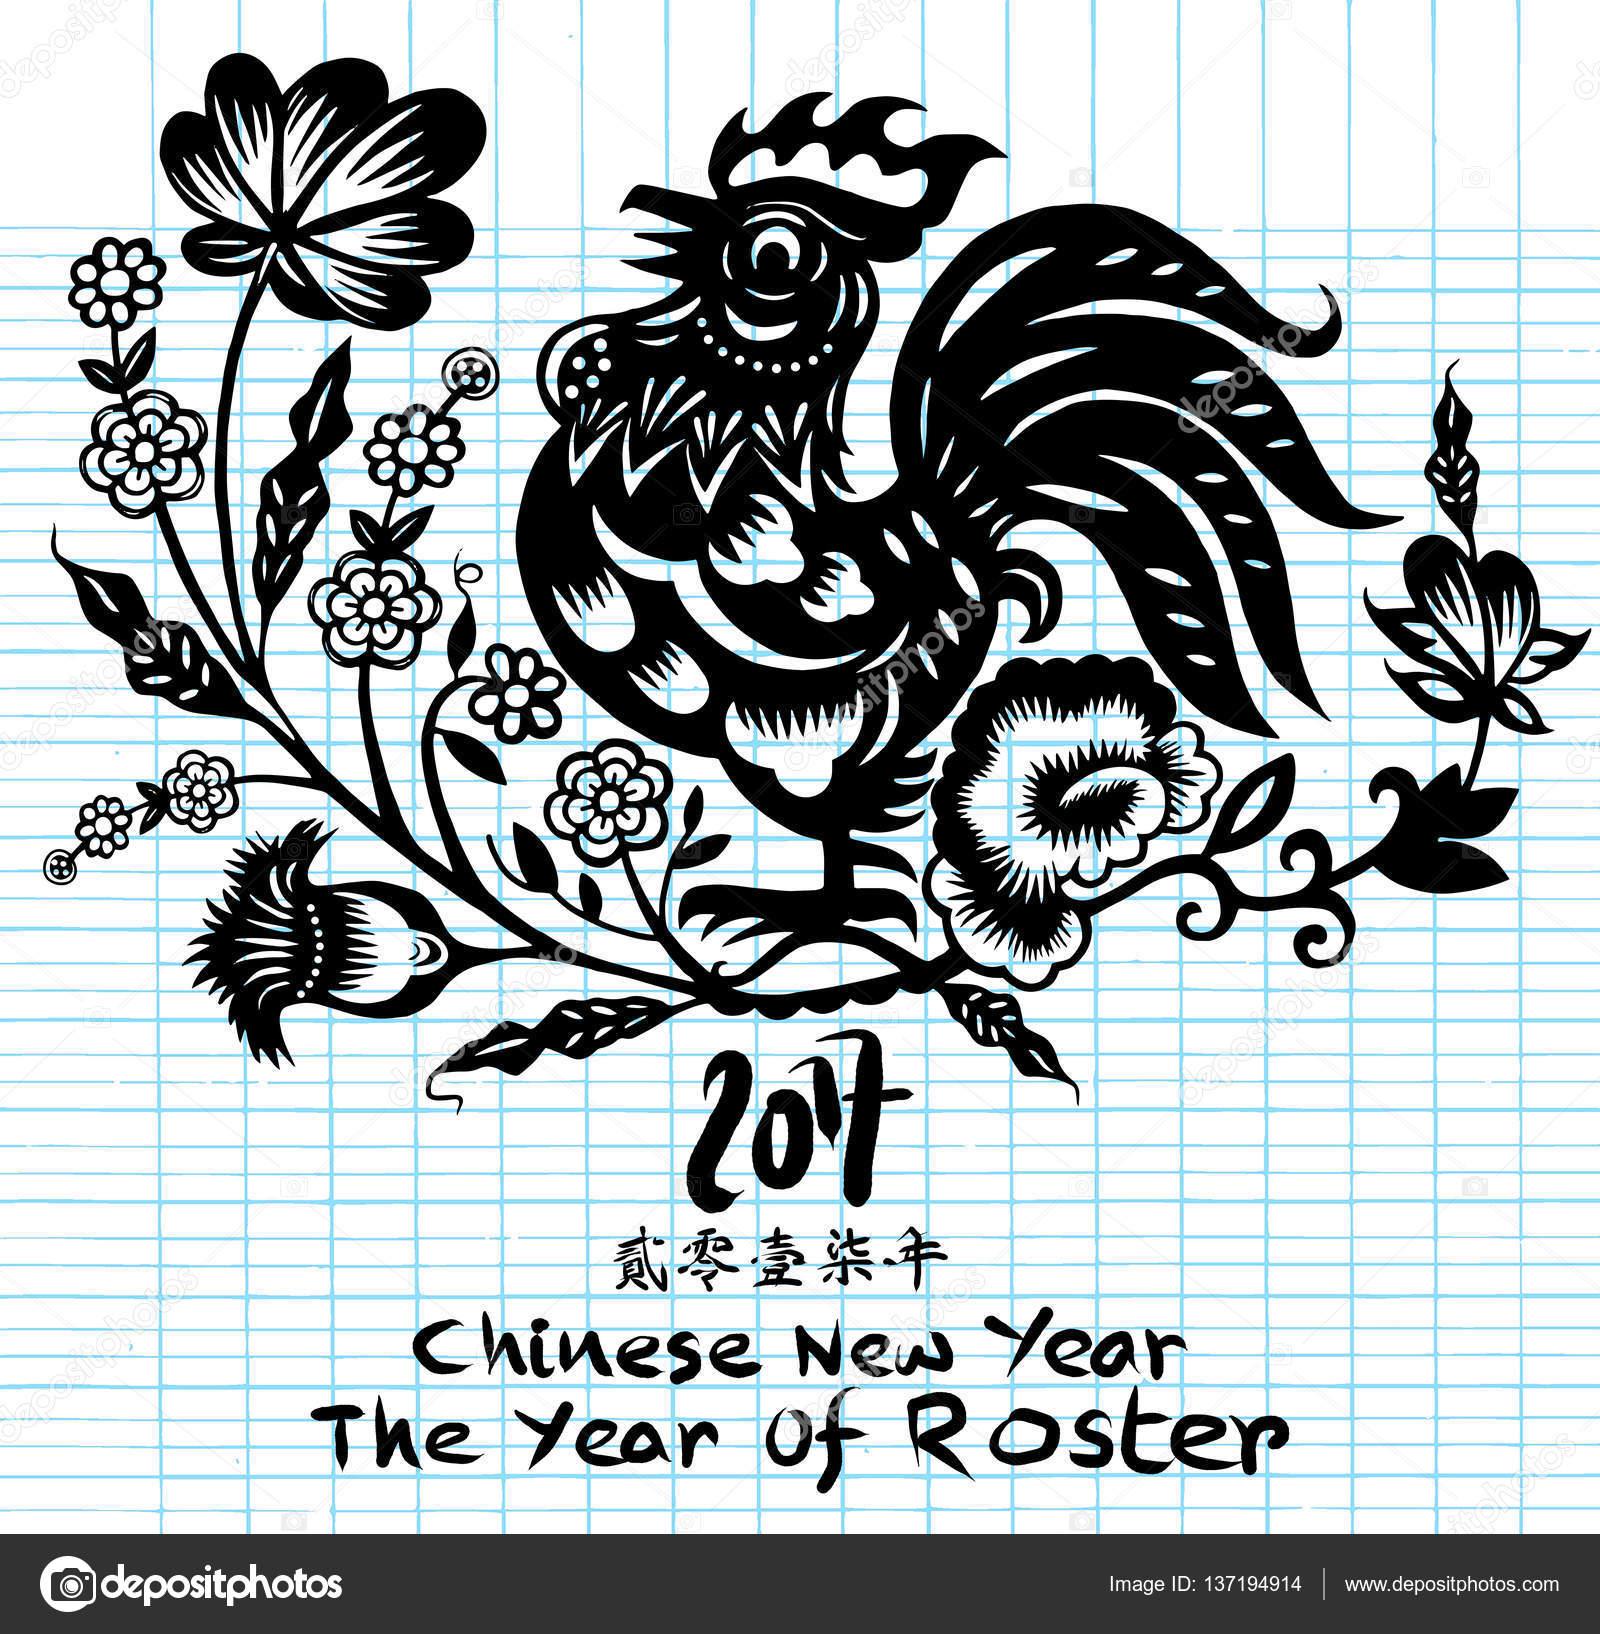 Año nuevo chino, dibujado a mano ilustración de Vector de zodiaco ...